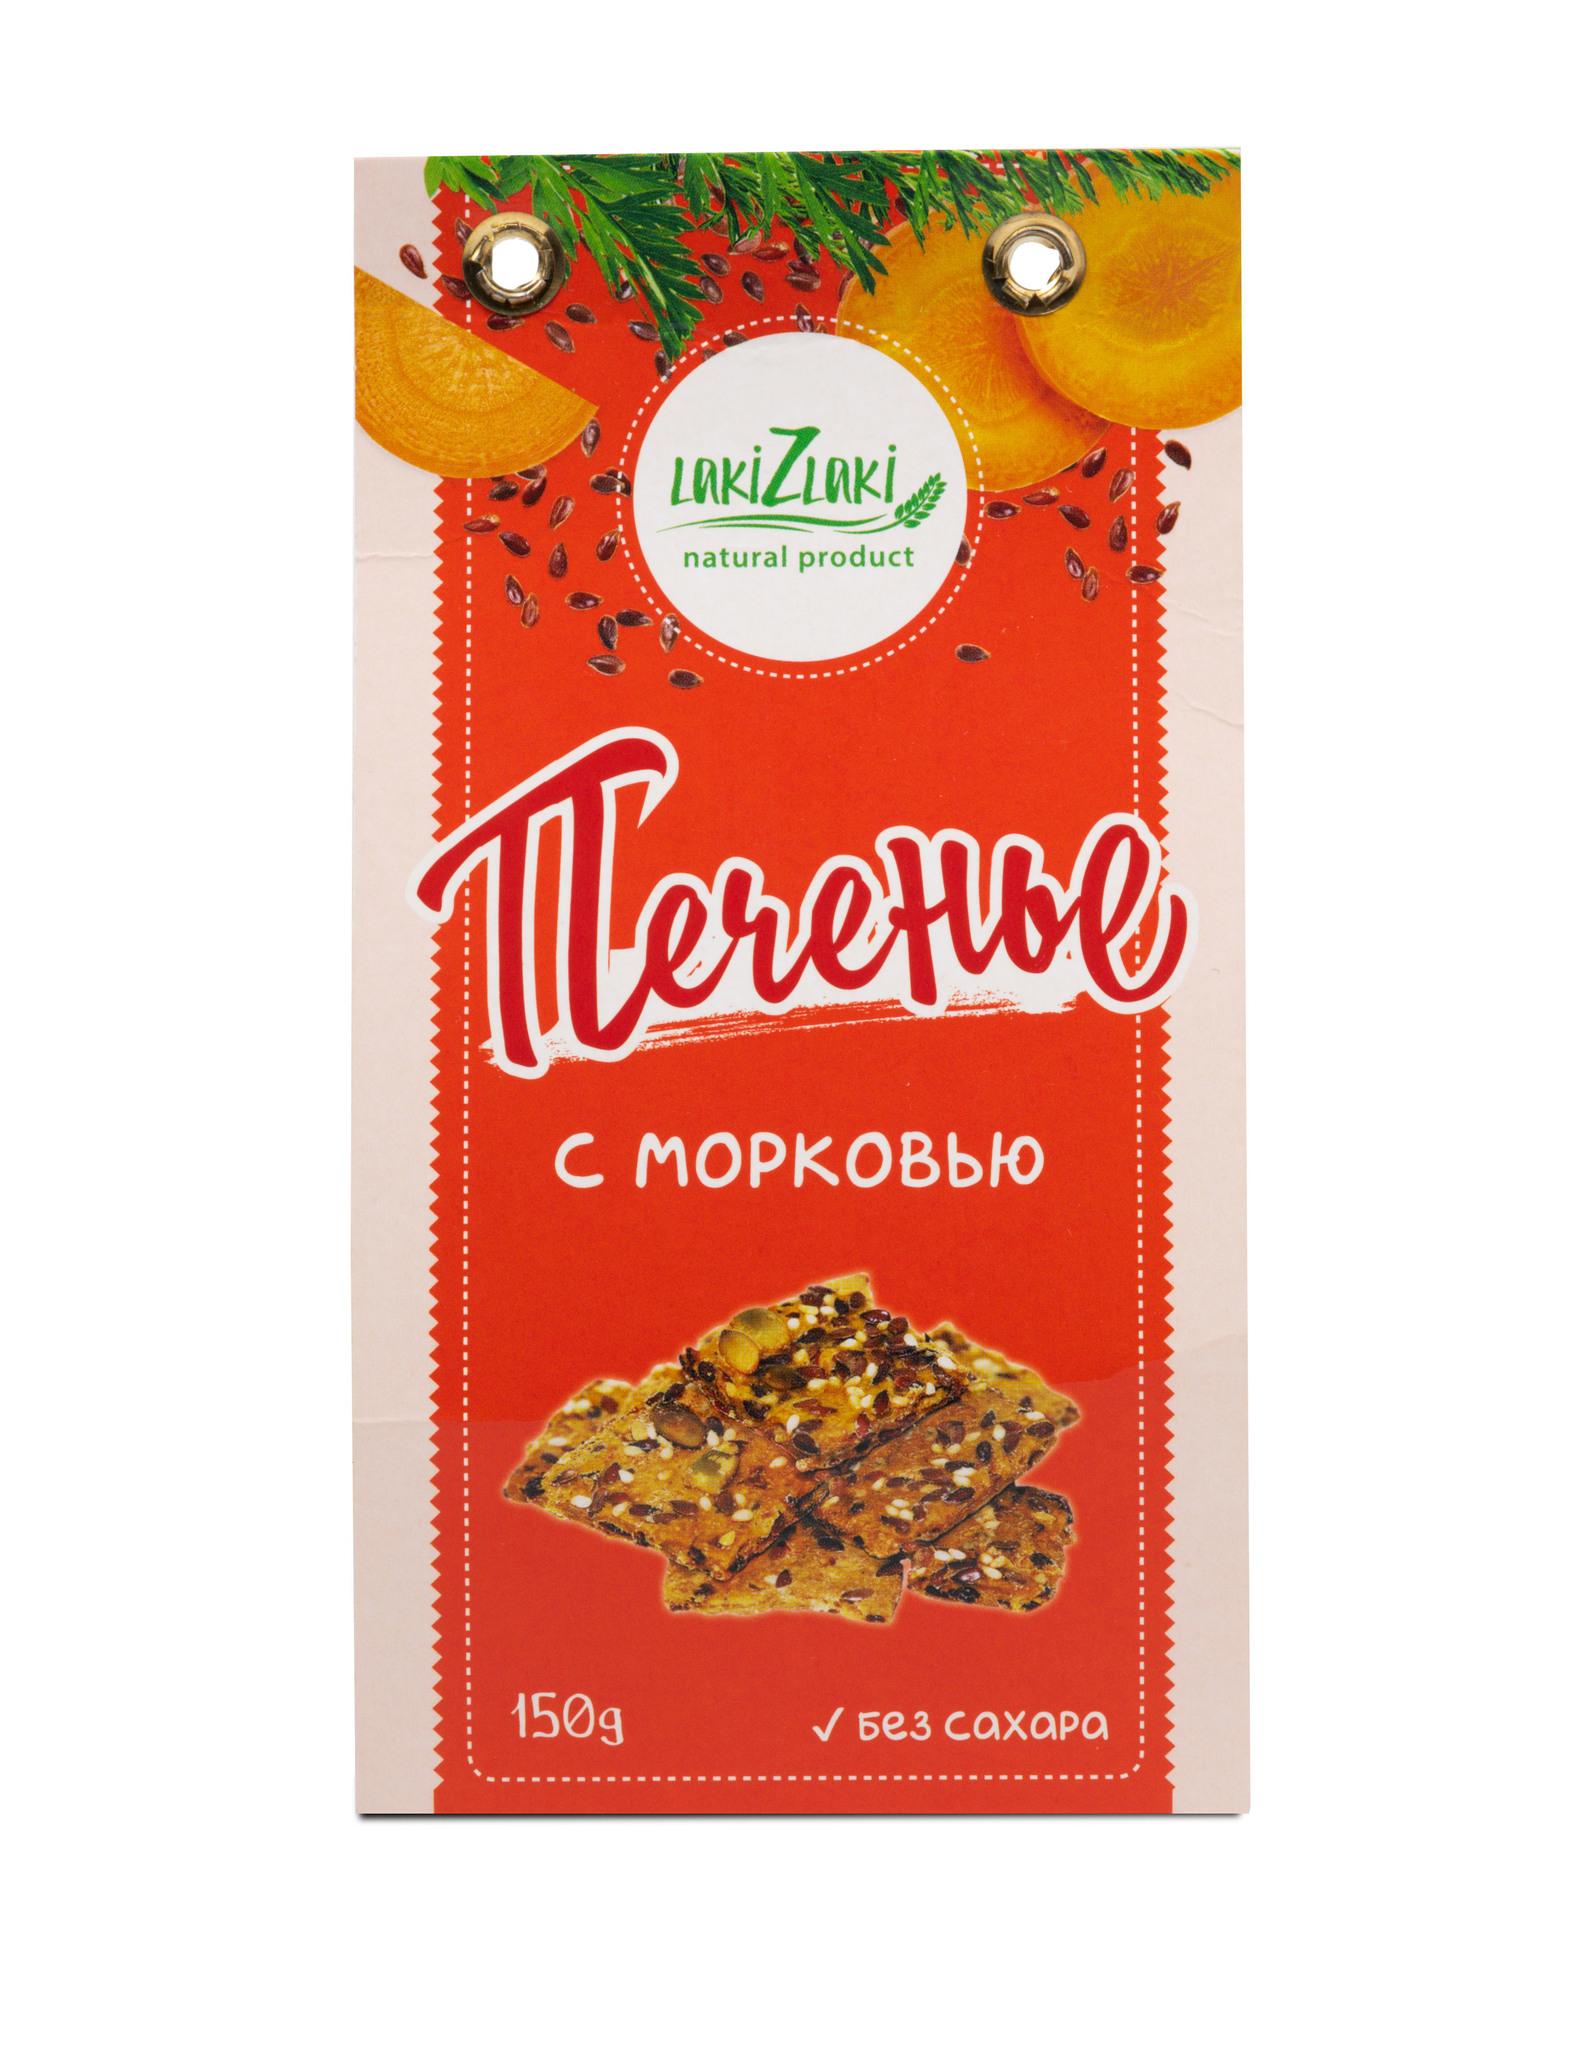 Печенье с морковью LakiZlaki